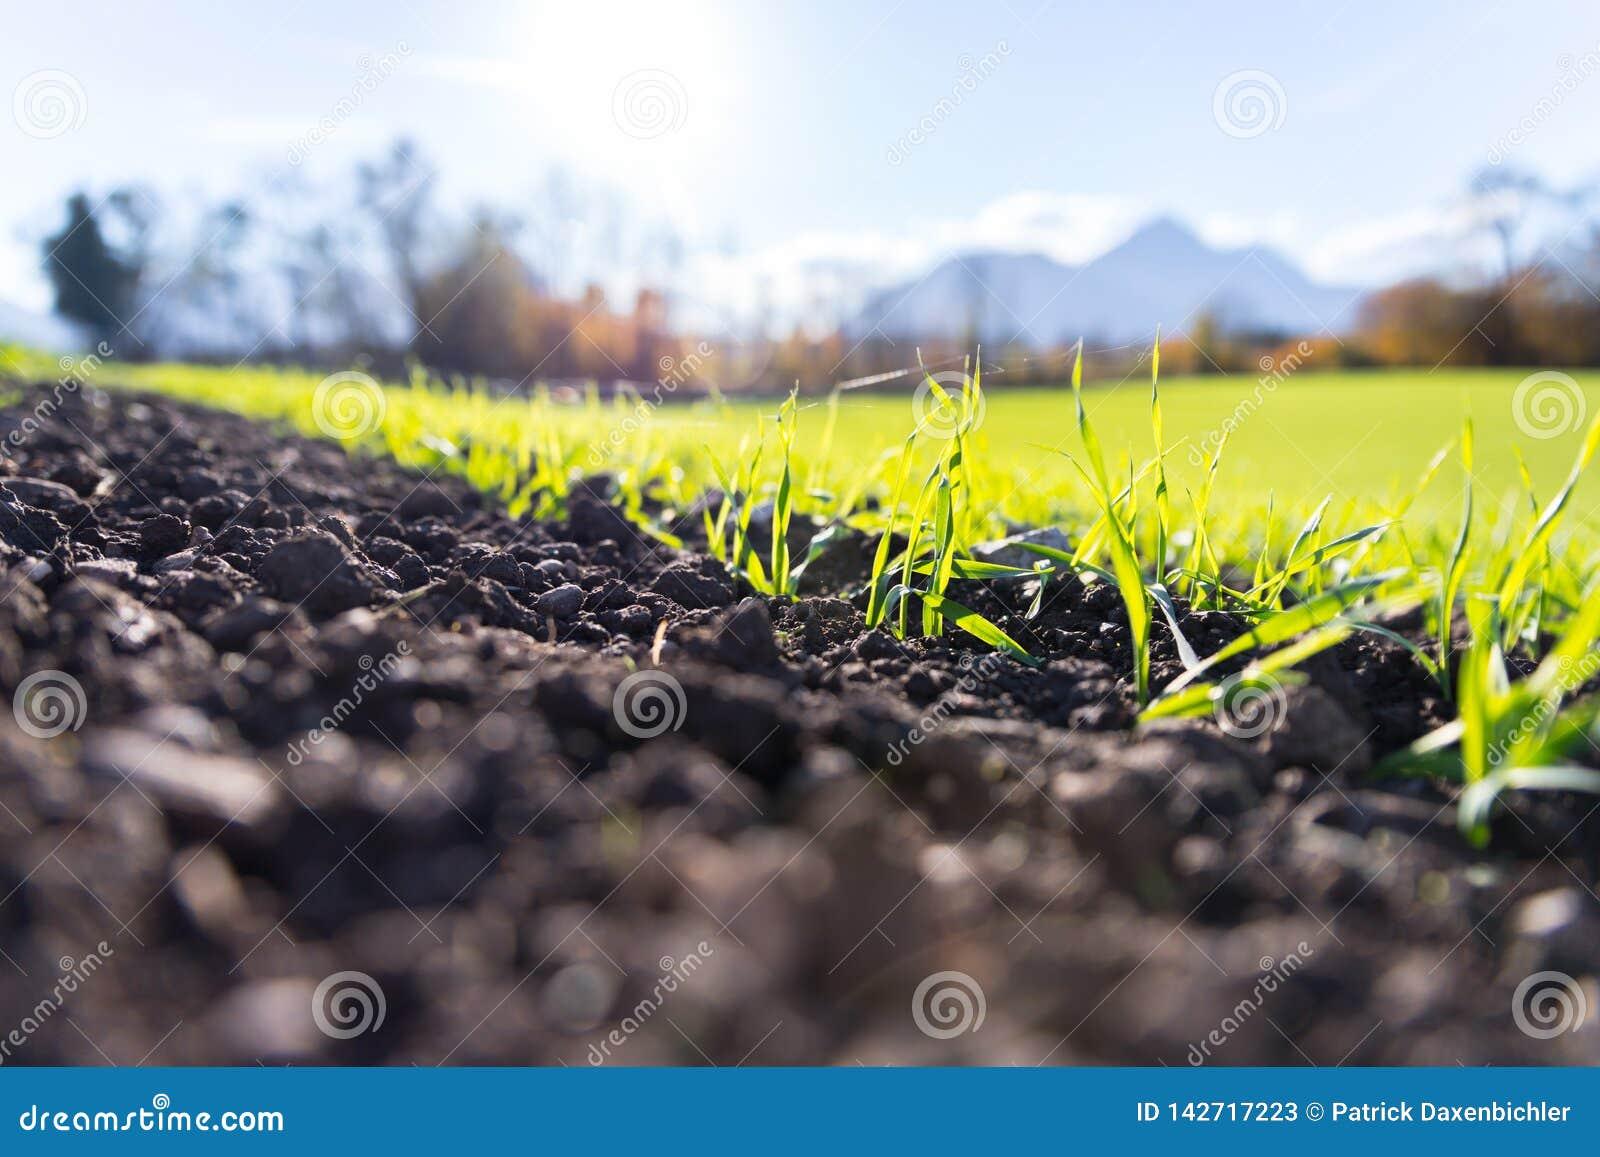 Frische, grüne und fruchtbare agricutlure Anlagen, Gras